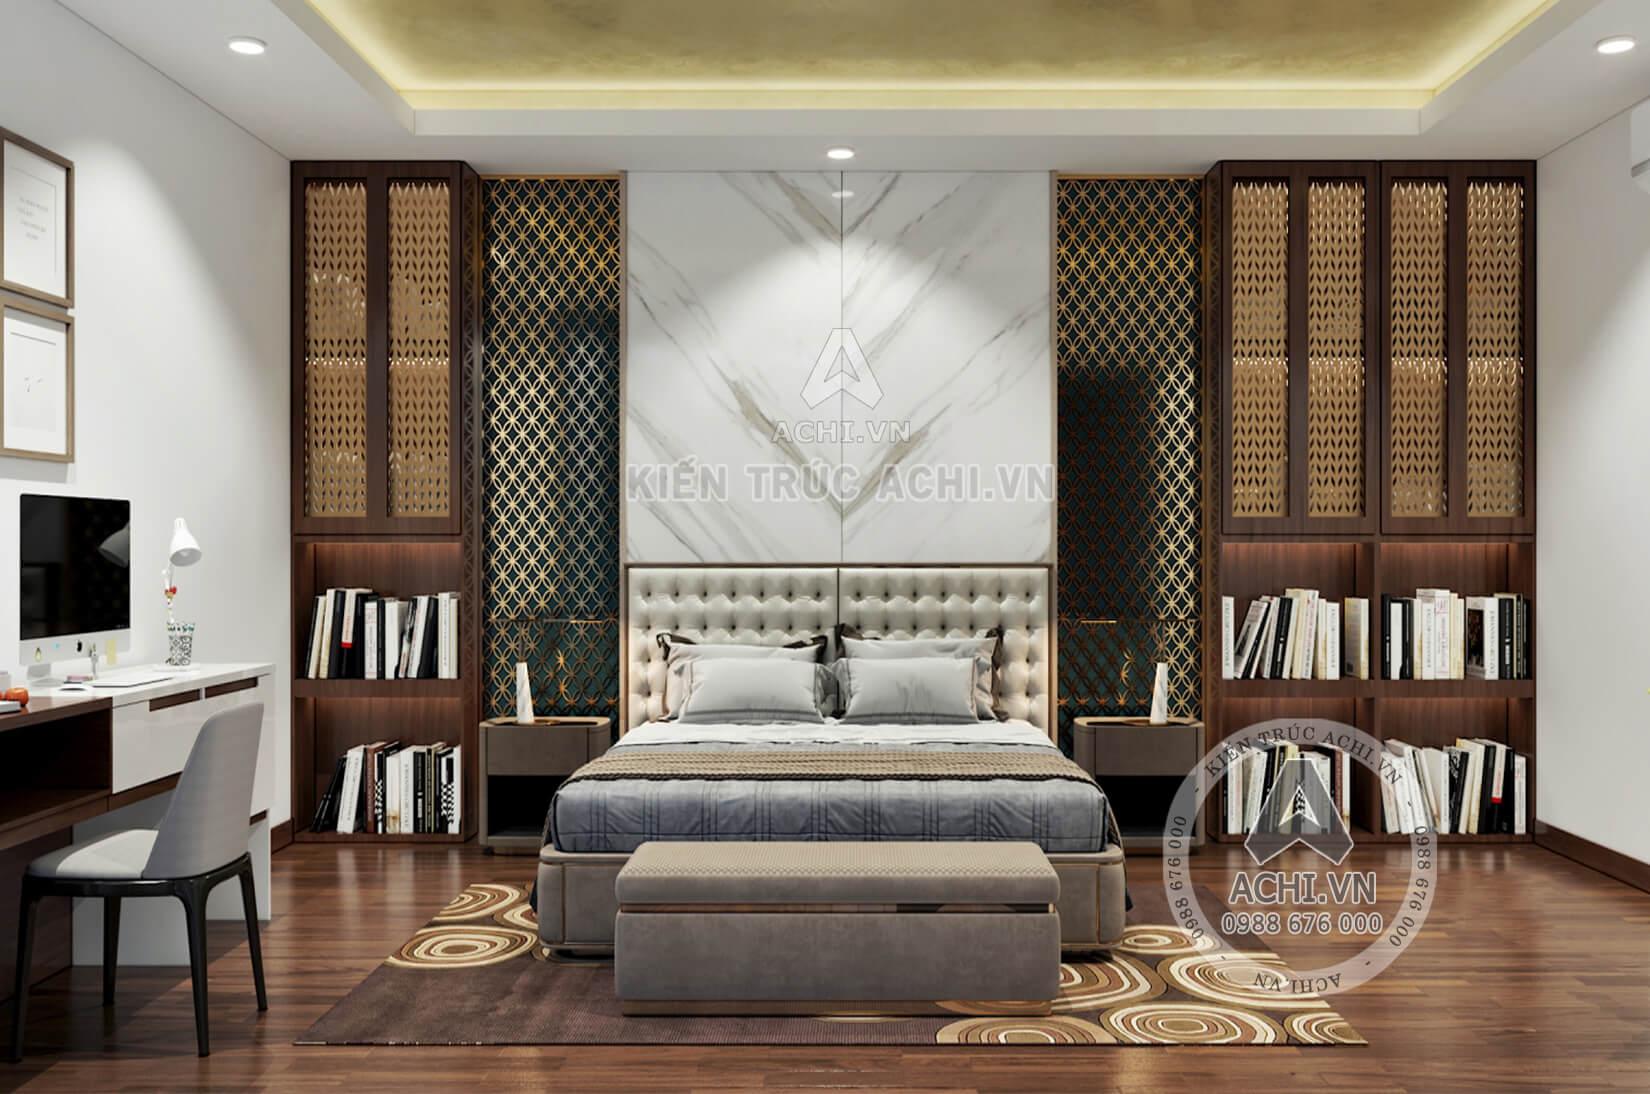 Nội thất phòng ngủ đẹp của mẫu biệt thự hiện đại với không gian mở